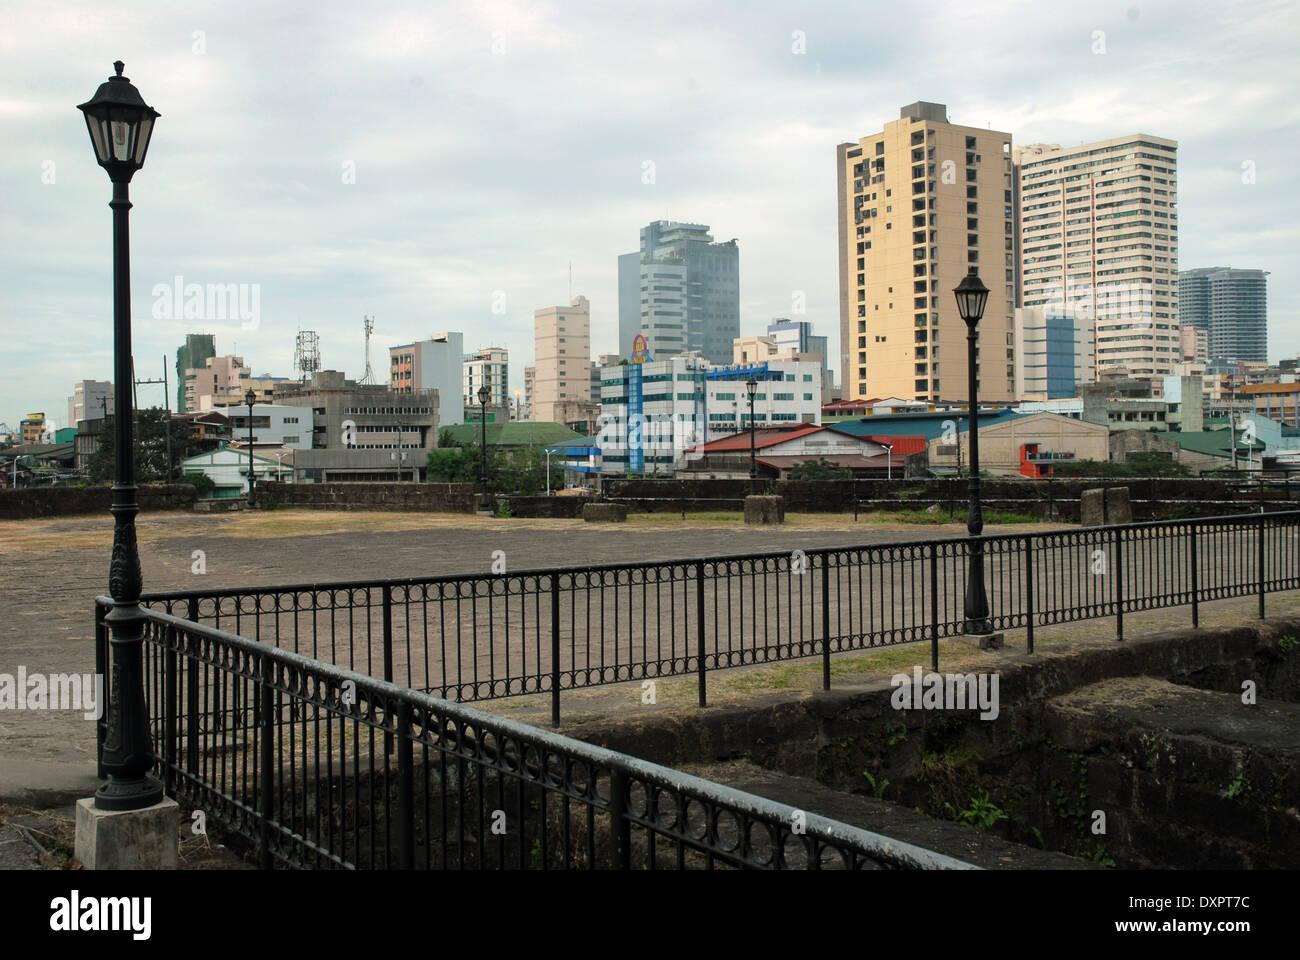 Fort Santiago, Manila, Luzon, Philippines. - Stock Image